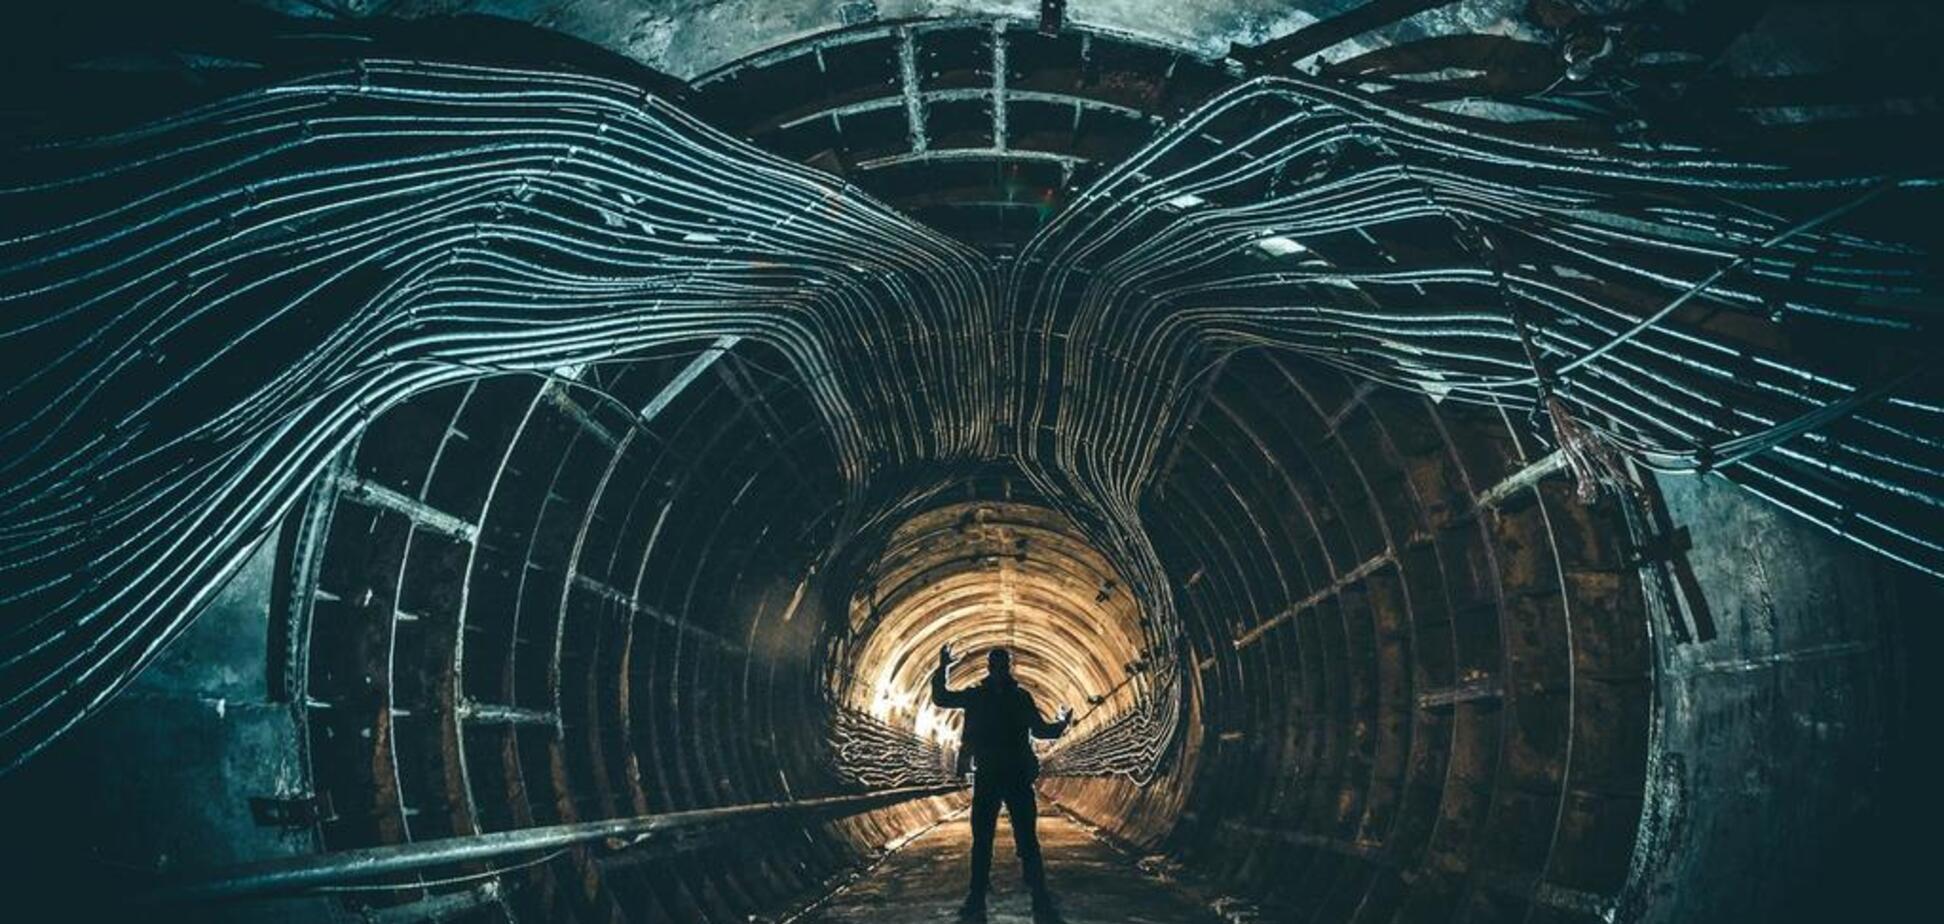 У надрах Києва: у мережі показали маловідому локацію під містом